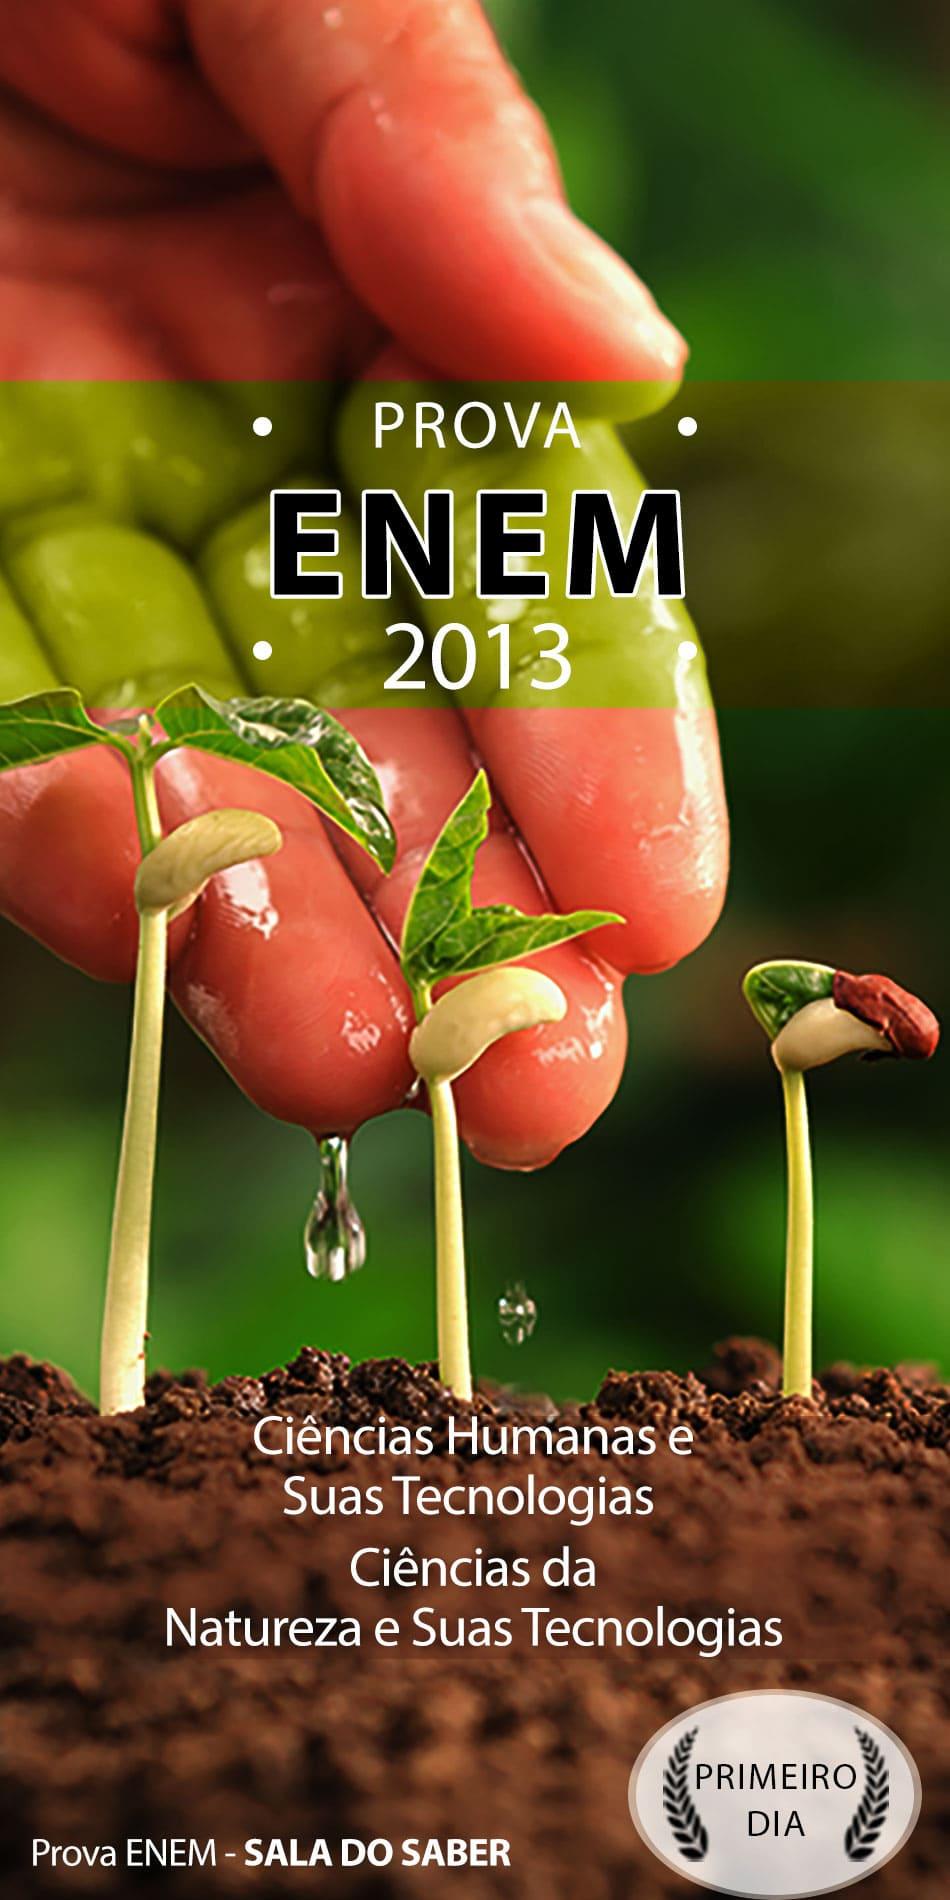 Prova Enem 2013 - 1° Dia!